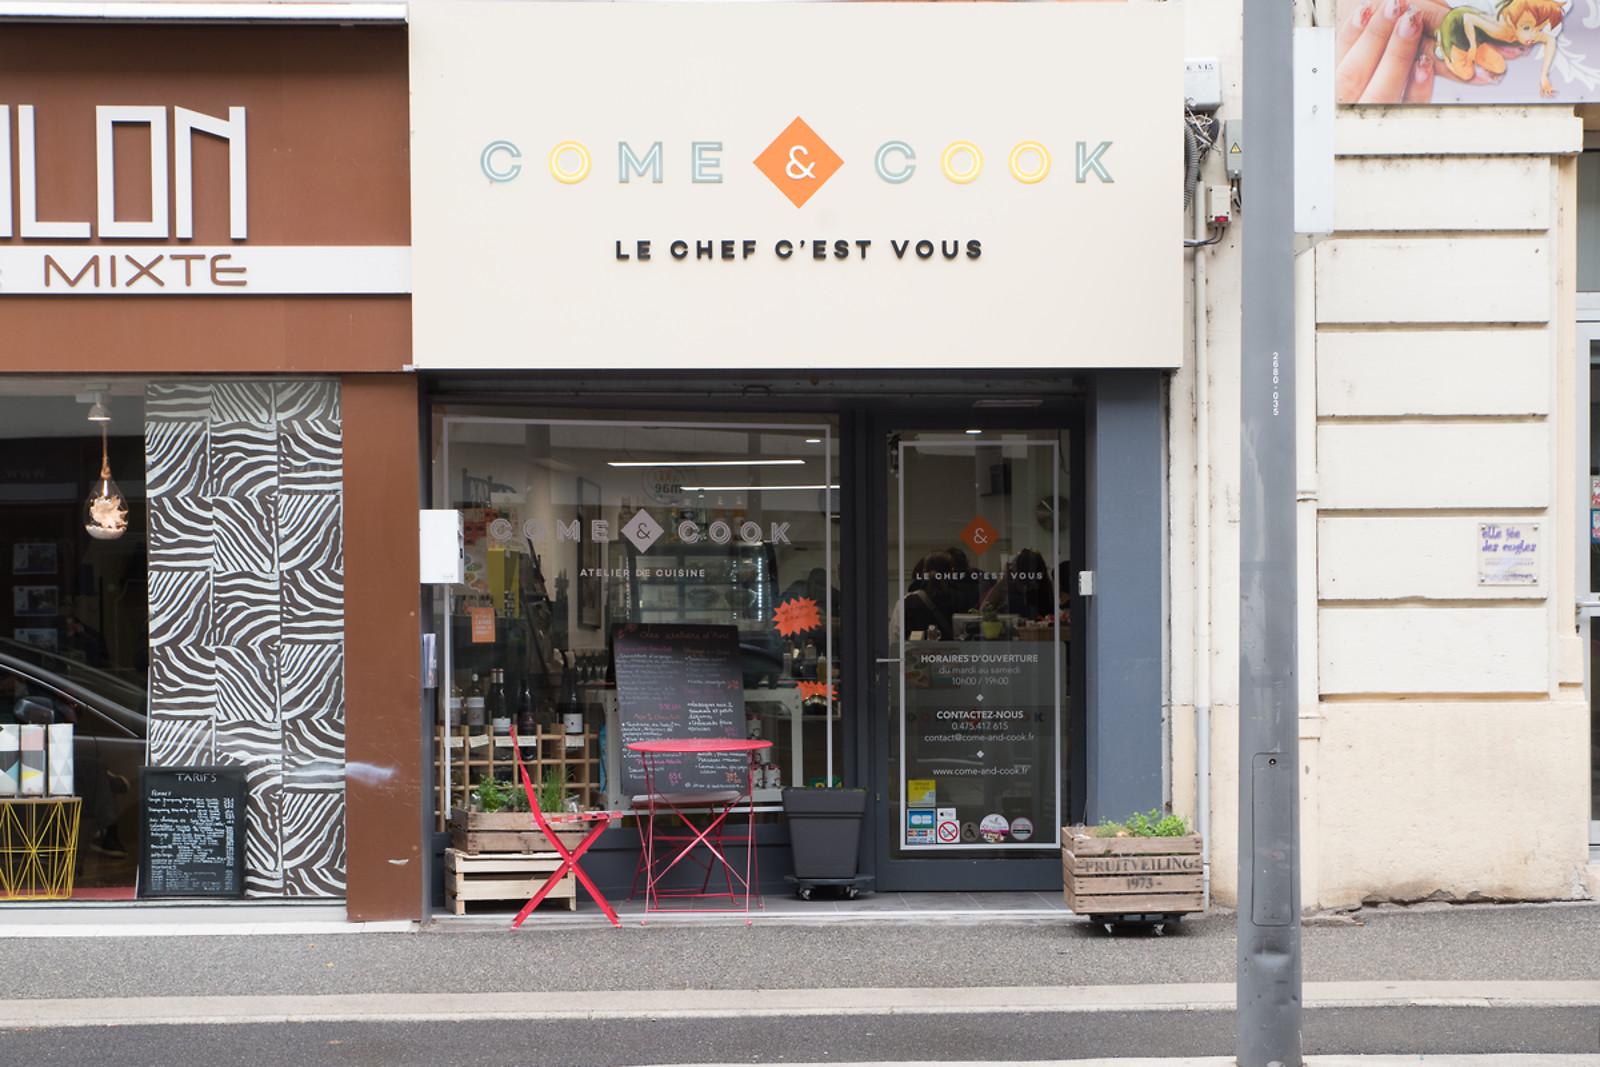 Cours de cuisine familial chez come and cook valence 26 for Wonderbox cours de cuisine